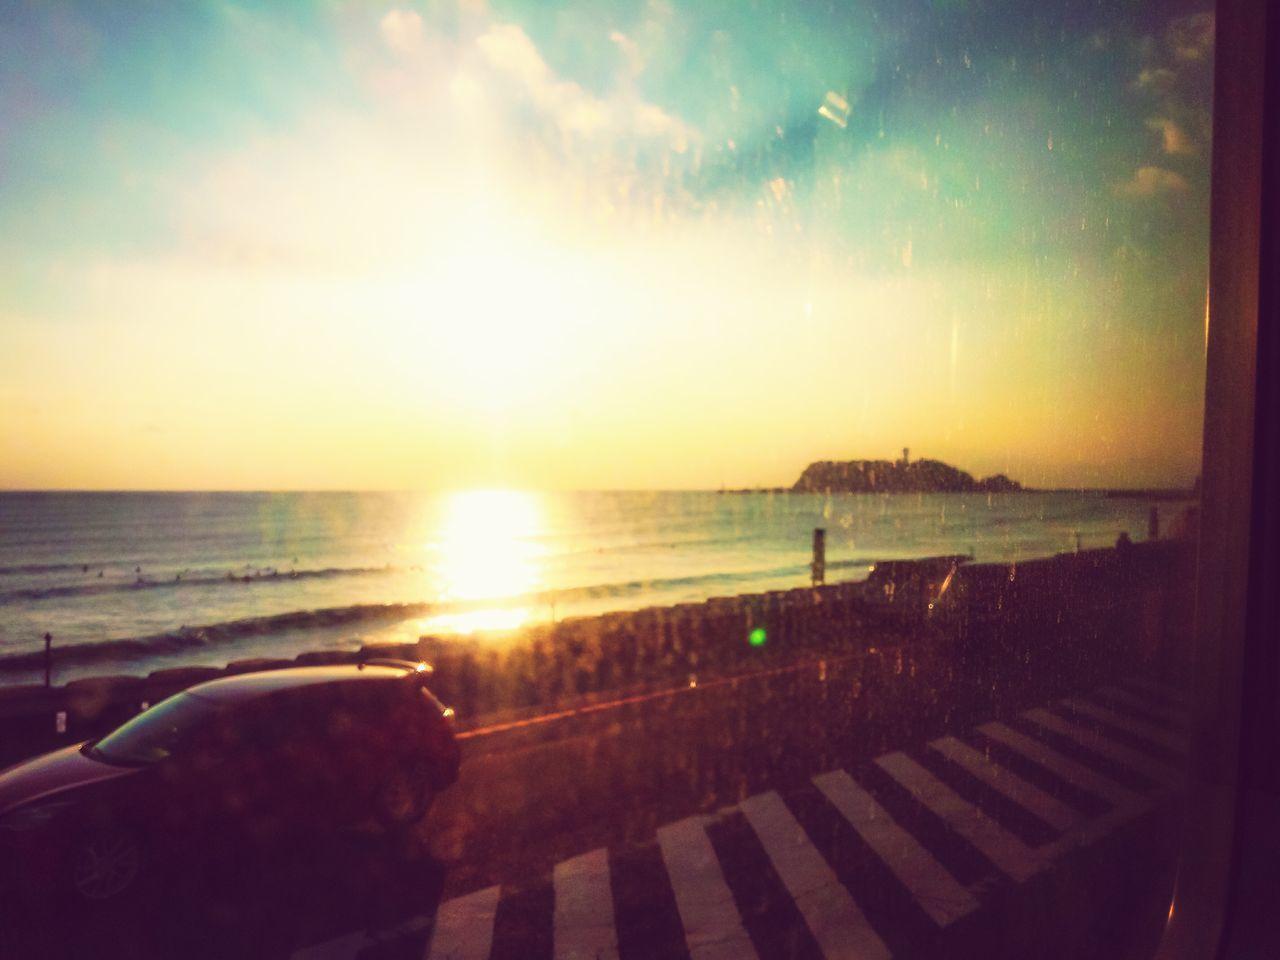 江ノ電車窓から・・・う~ん、窓汚いww Andrography Nostalgic  Enoshima 車窓 江ノ電 江の島 夕陽 Seascape Seaside 海 シーサイド